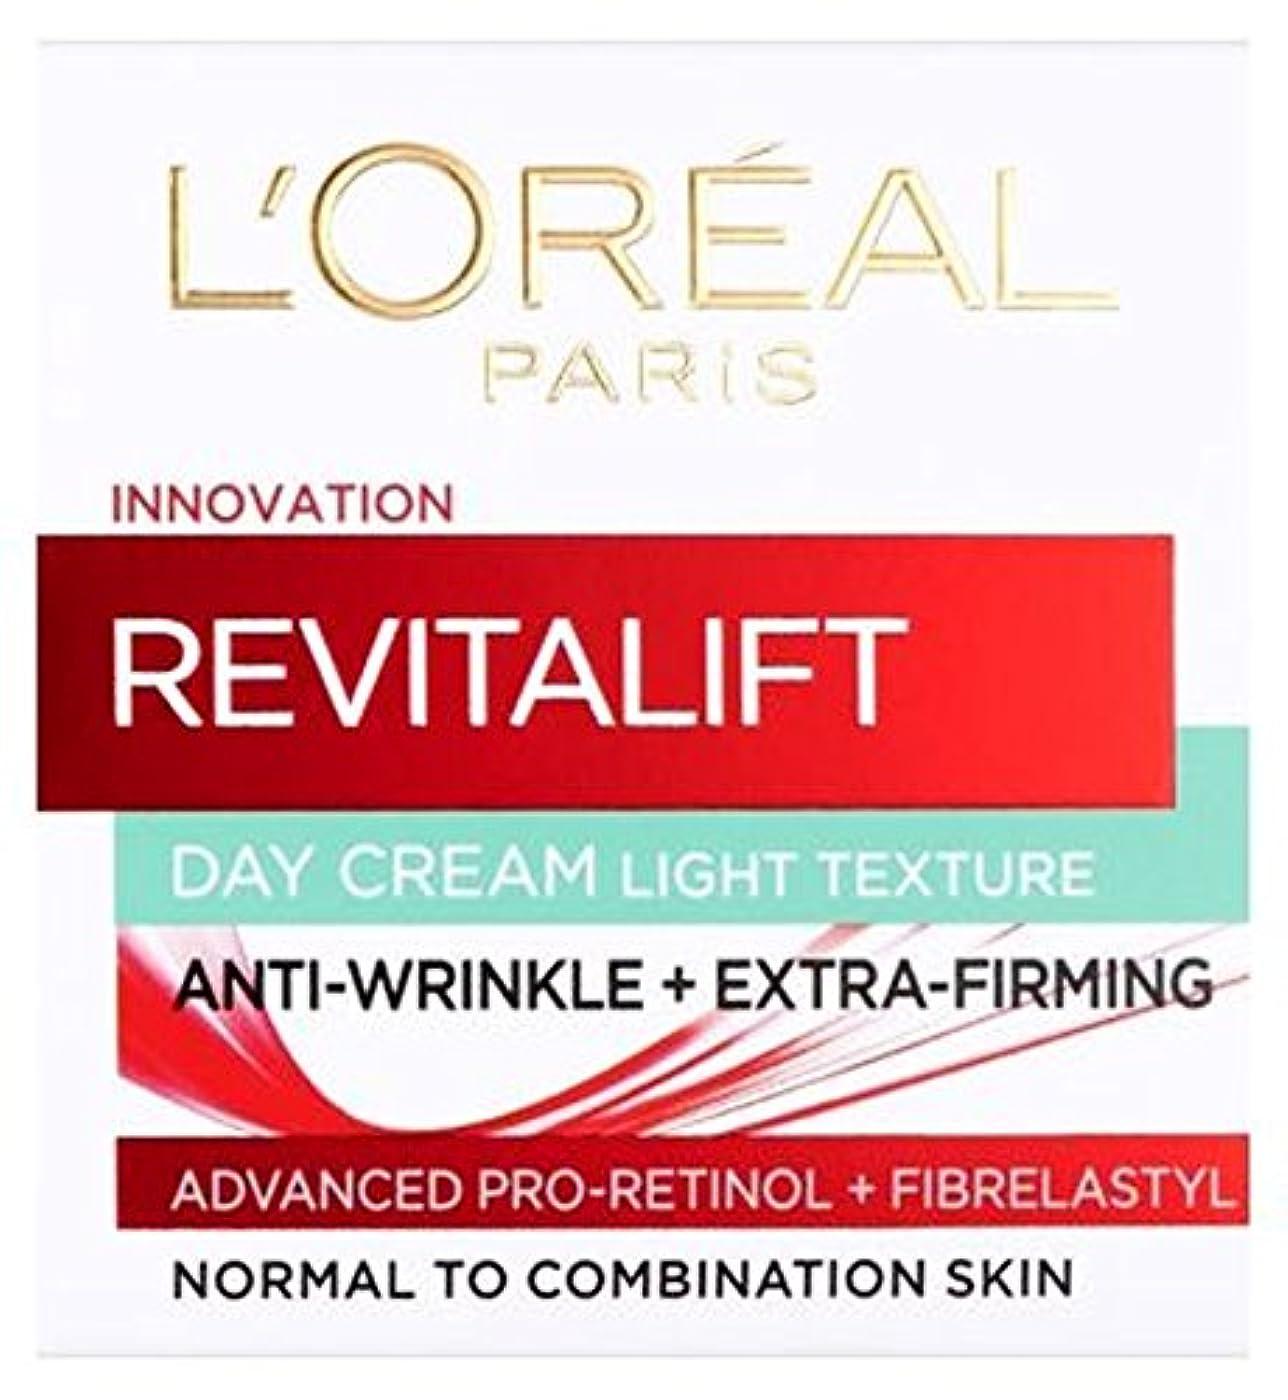 法的文献マウスL'OreallパリRevitalift日クリーム光テクスチャ抗しわ+エクストラファーミングクリーム50Ml (L'Oreal) (x2) - L'Oreall Paris Revitalift Day Cream Light Texture Anti-Wrinkle + Extra Firming 50ml (Pack of 2) [並行輸入品]